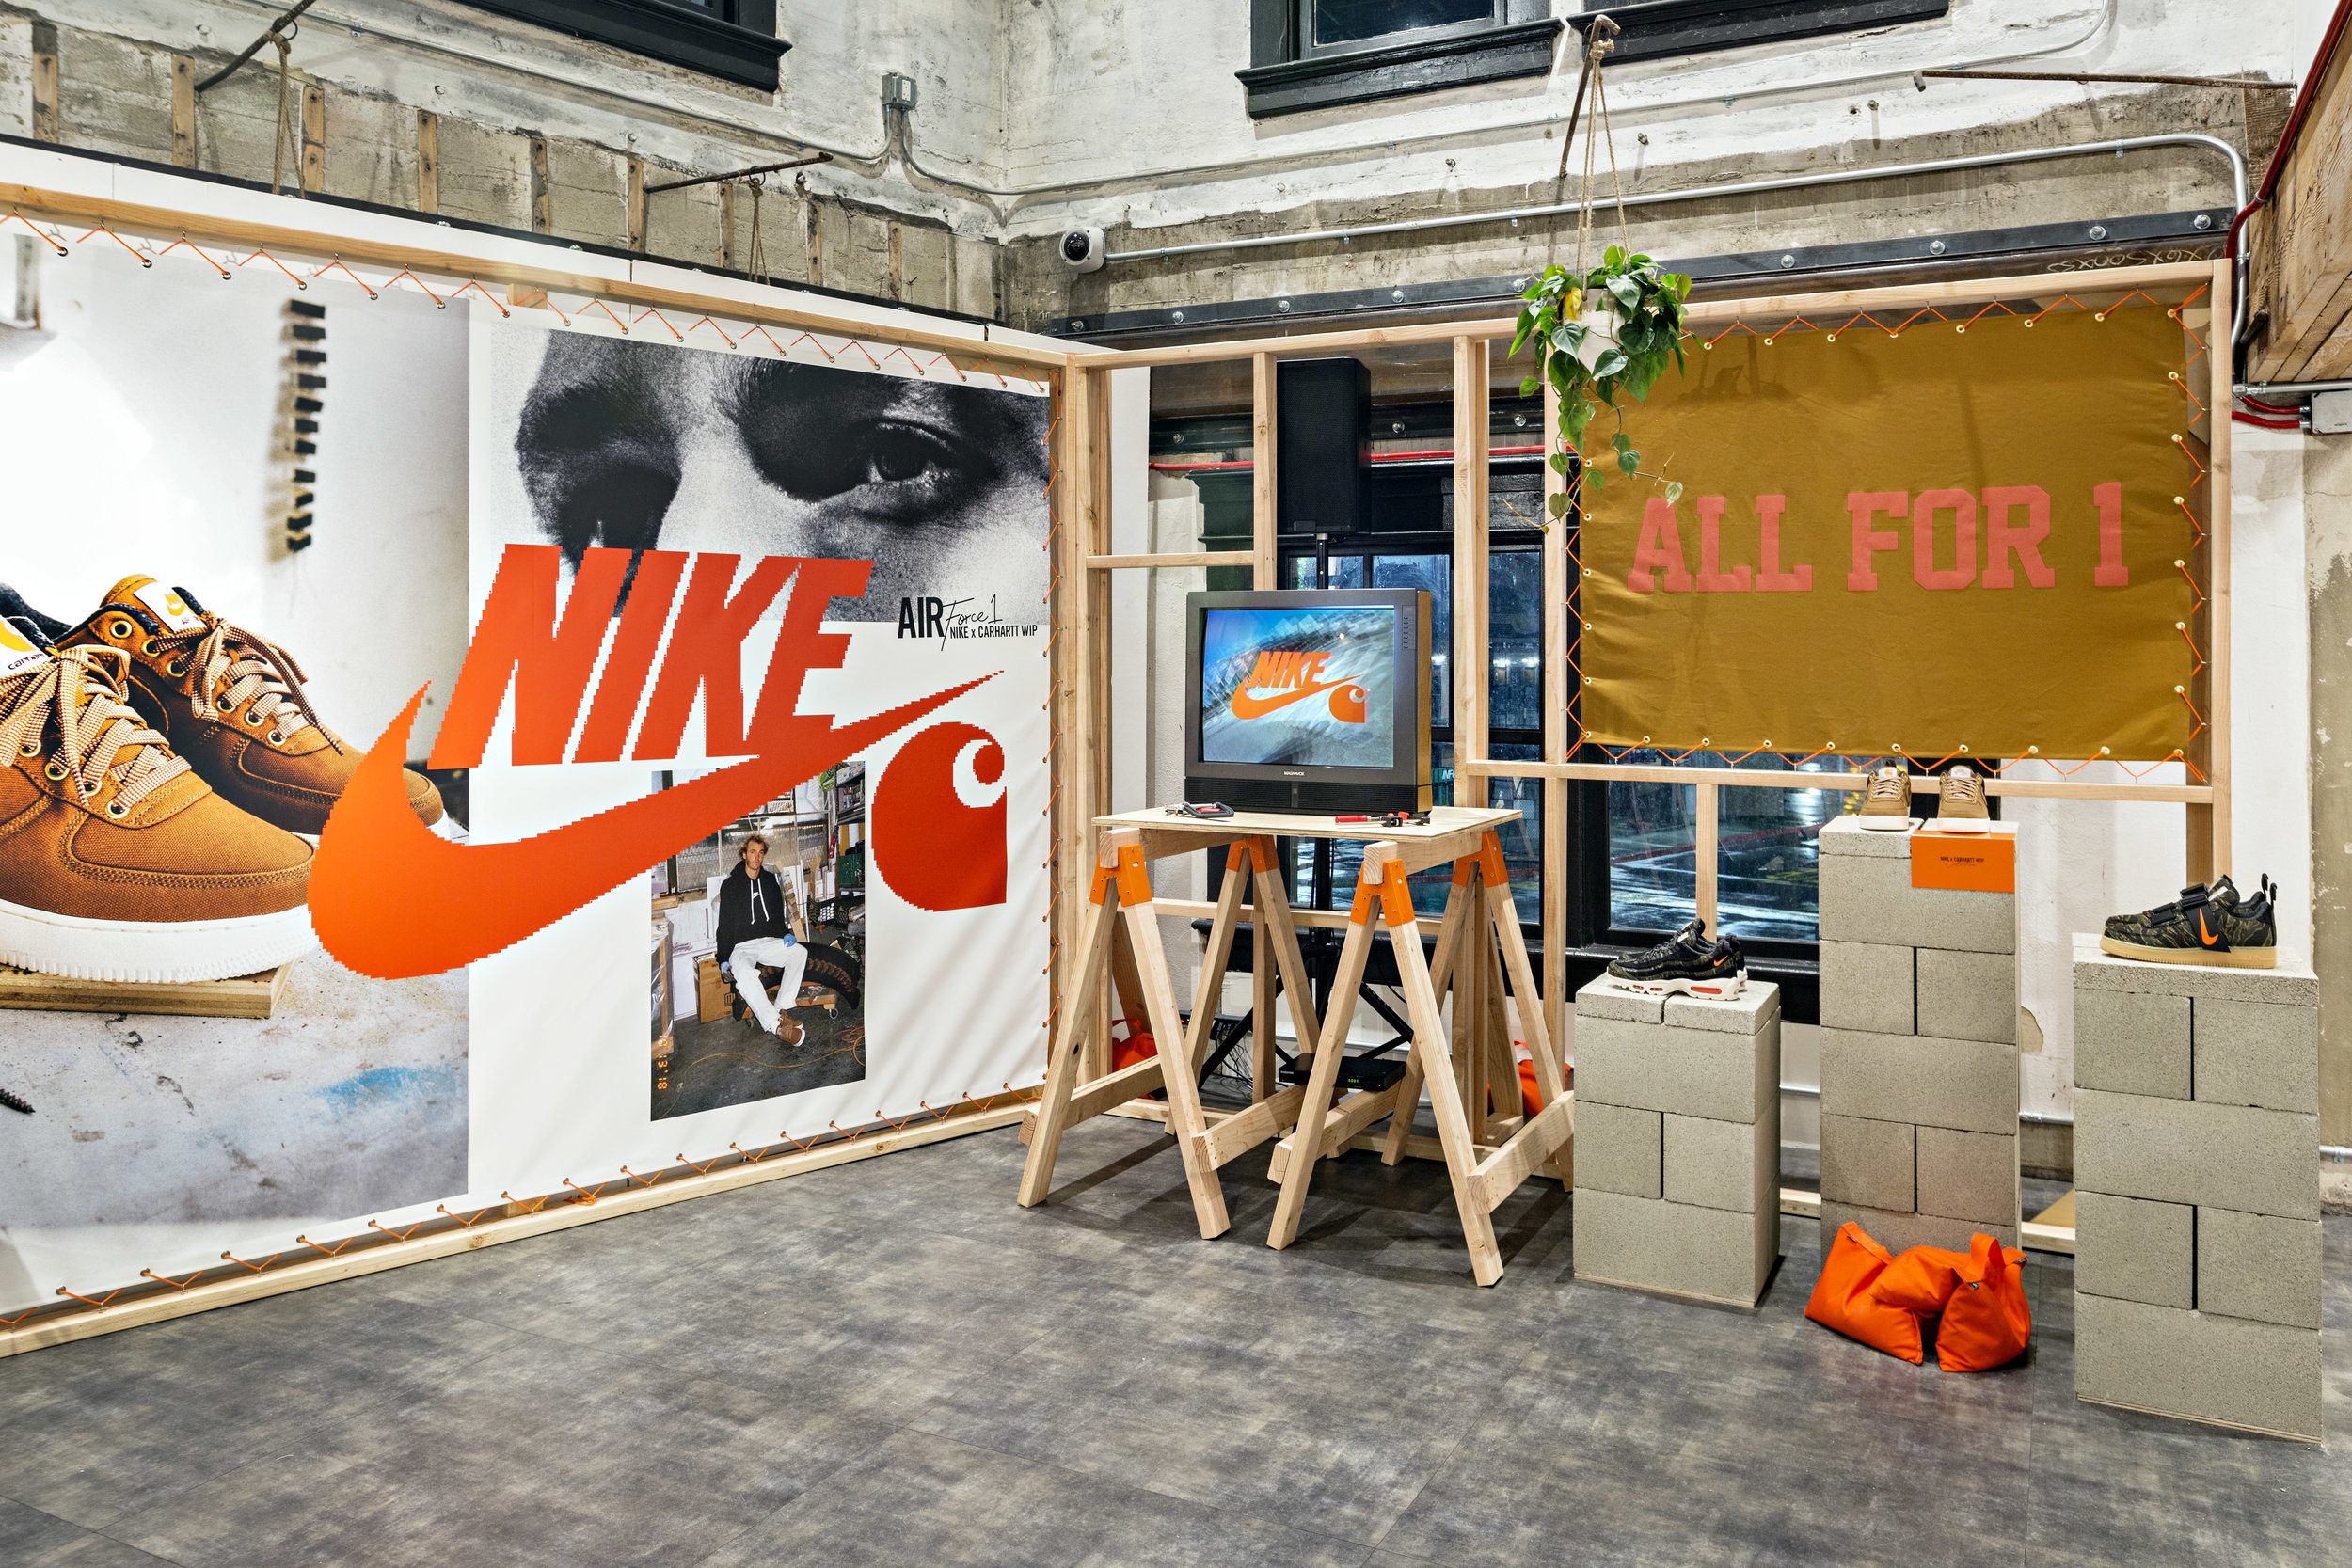 Nike_AF1xCarhartt_LA_1047.jpg